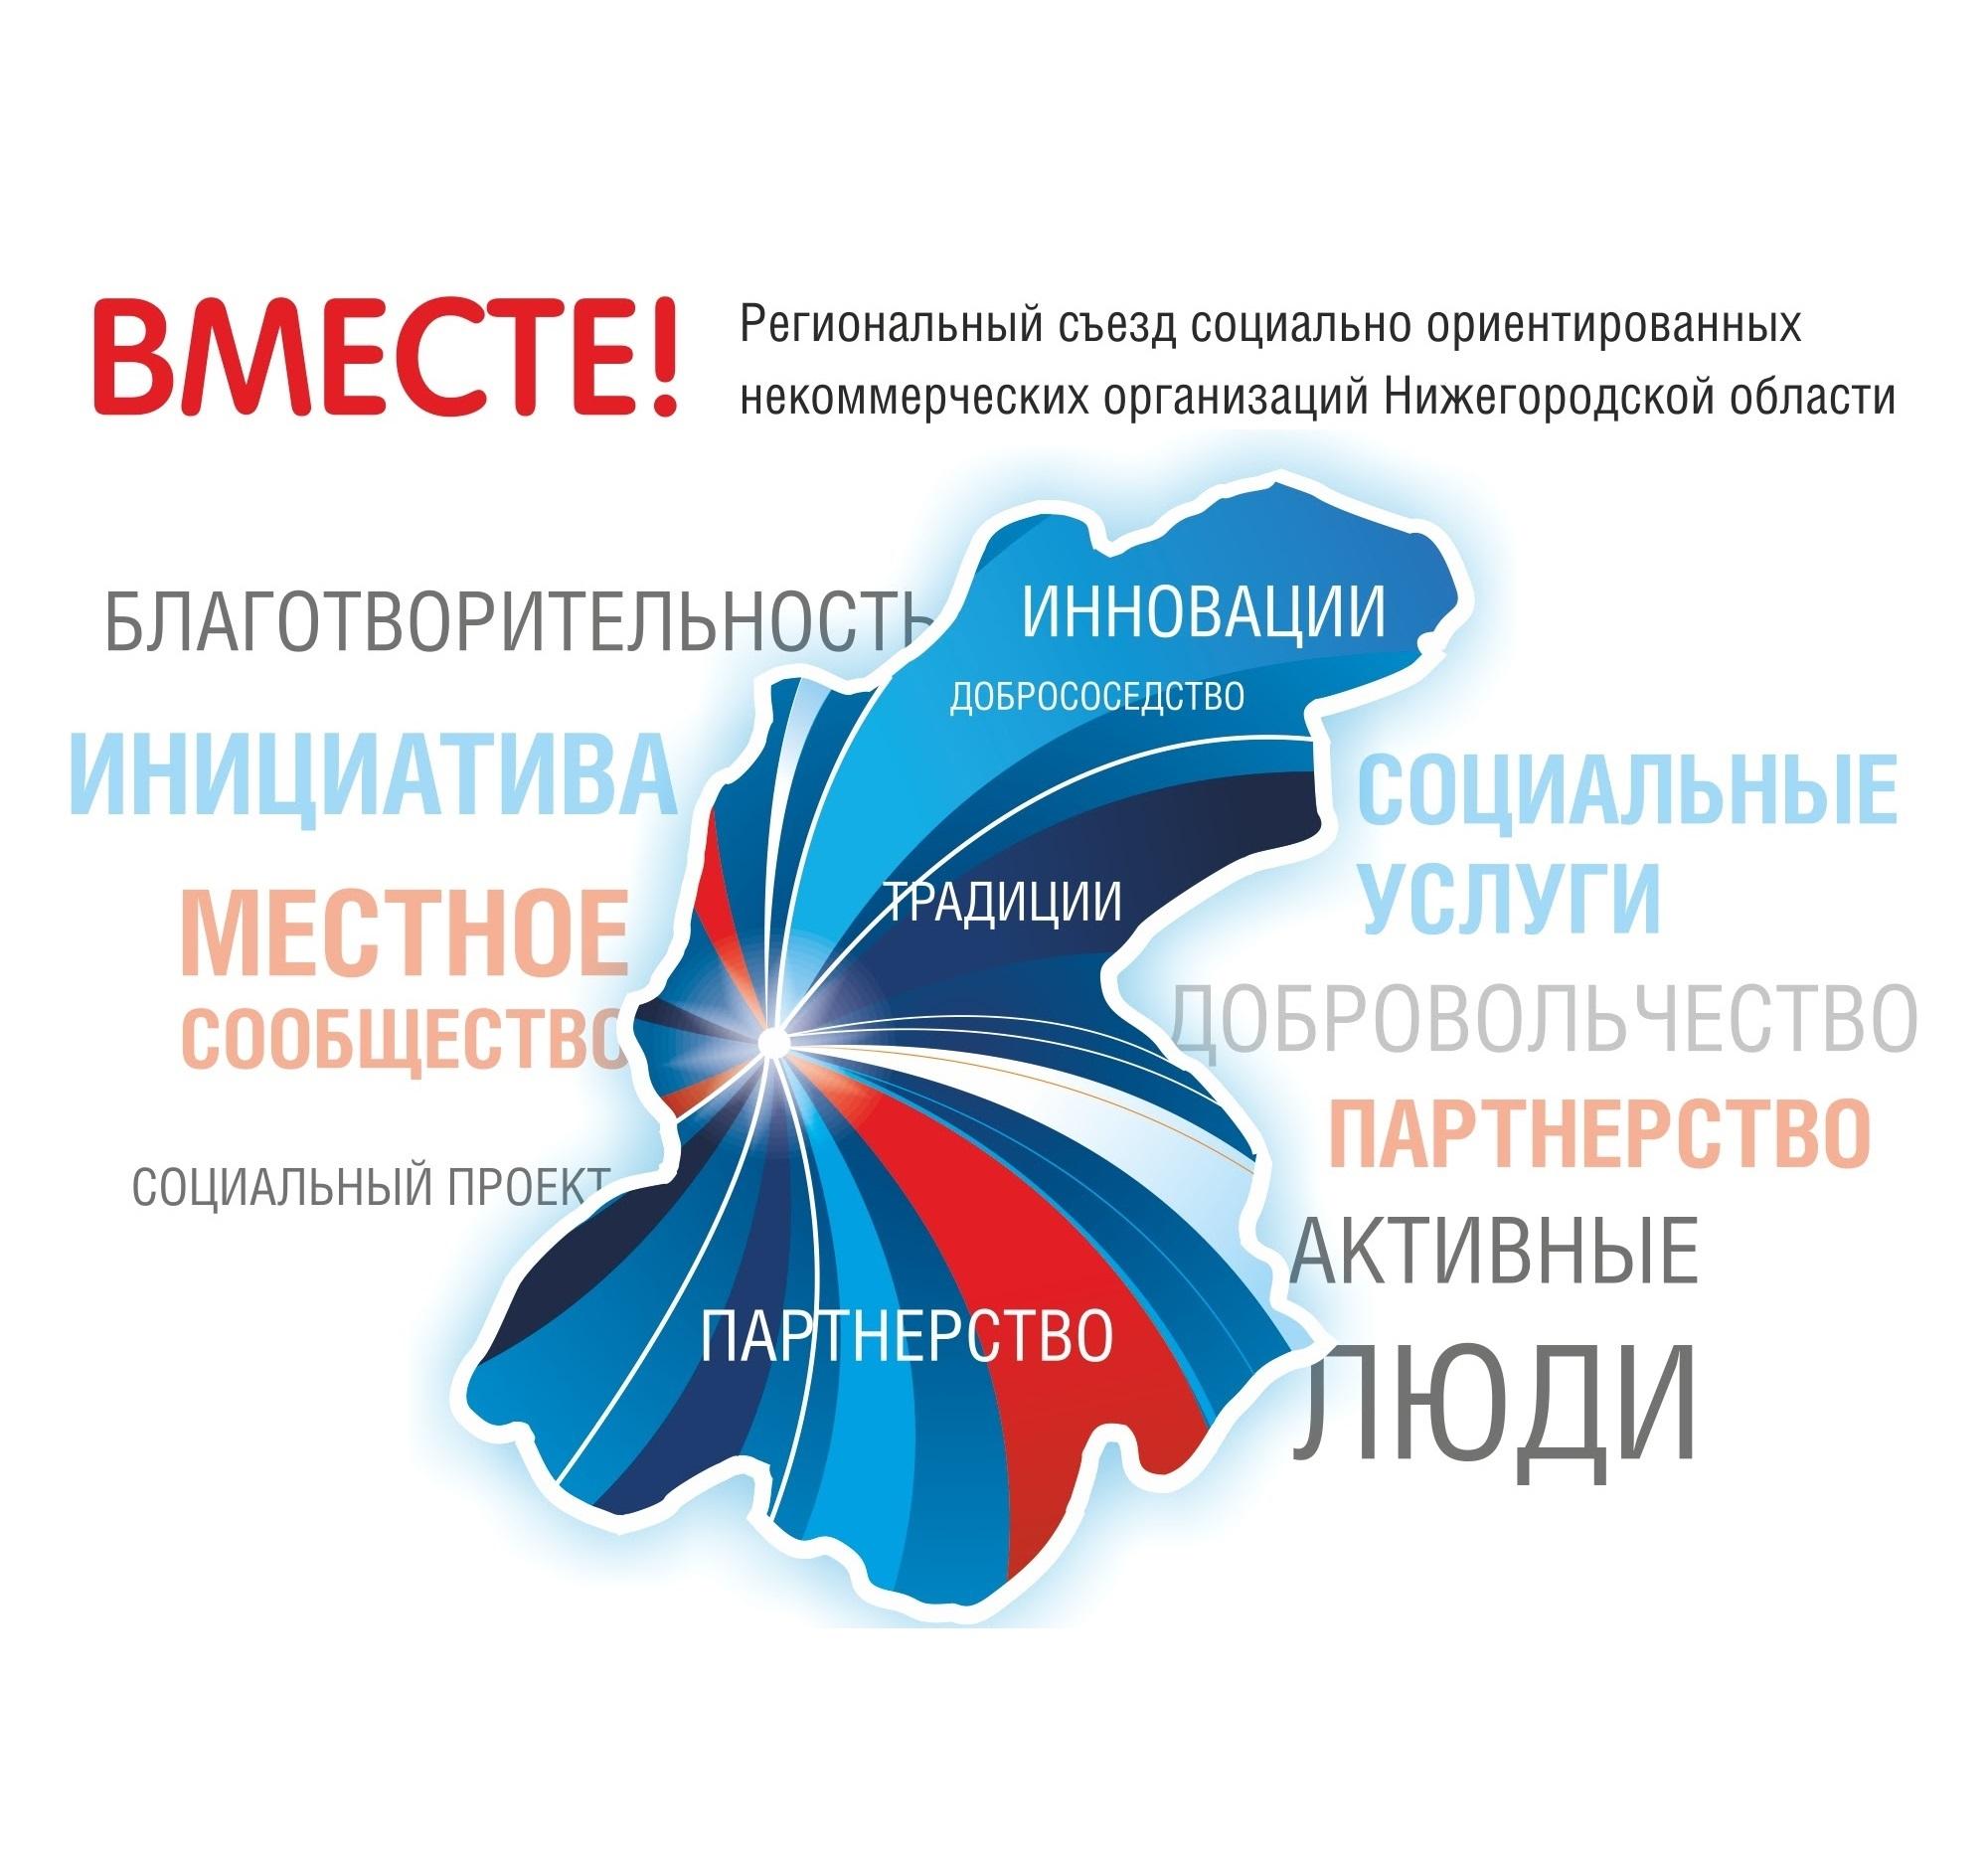 """Съезд СОНКО """"Вместе!"""""""